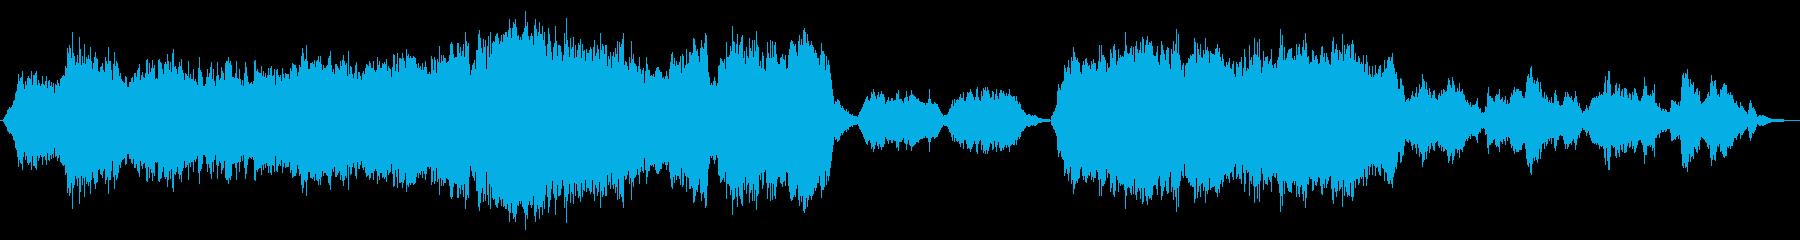 現代の交響曲 室内楽 クラシック交...の再生済みの波形